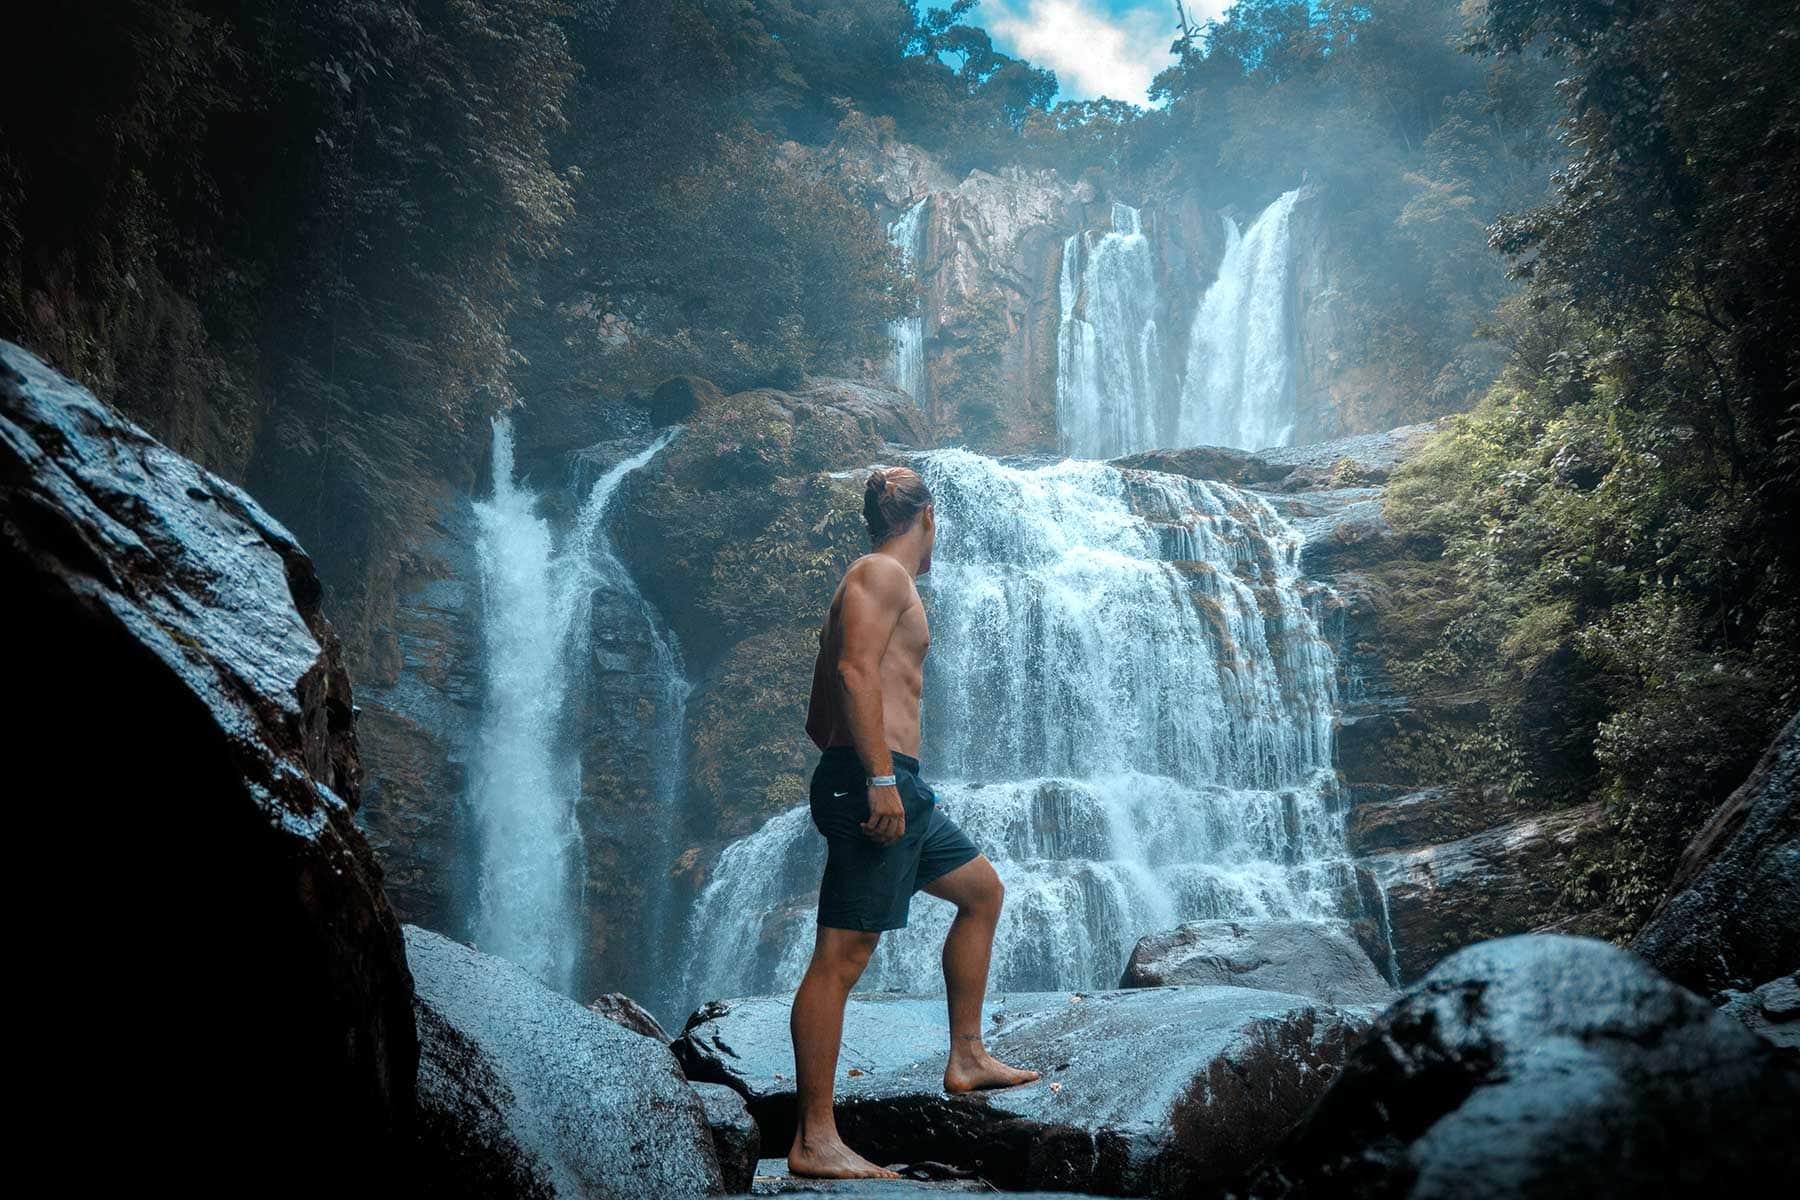 Resor-till-Costa-Rica-med-Nygren-&-Lind-Resebyrå---kille-i-vattenfall